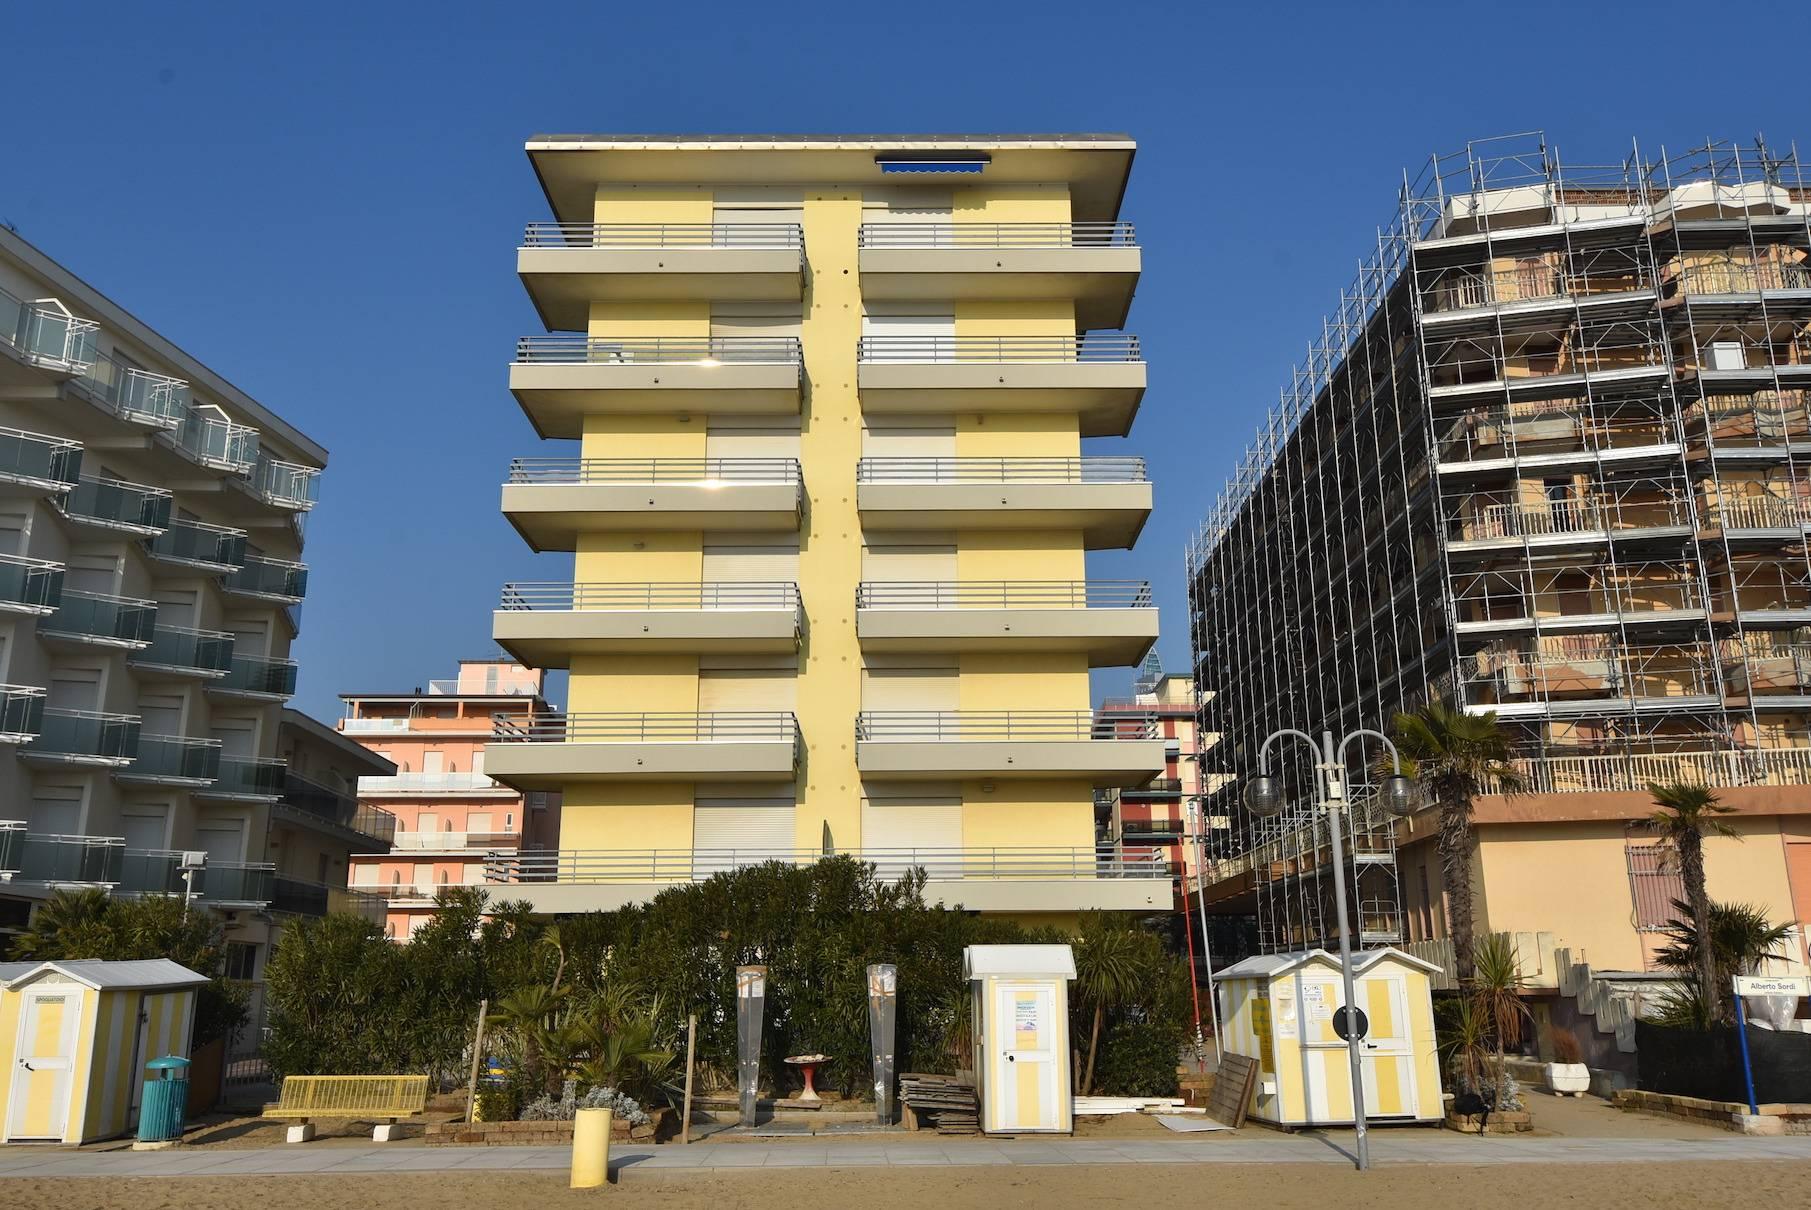 Appartamento Cansiglio Frontemare